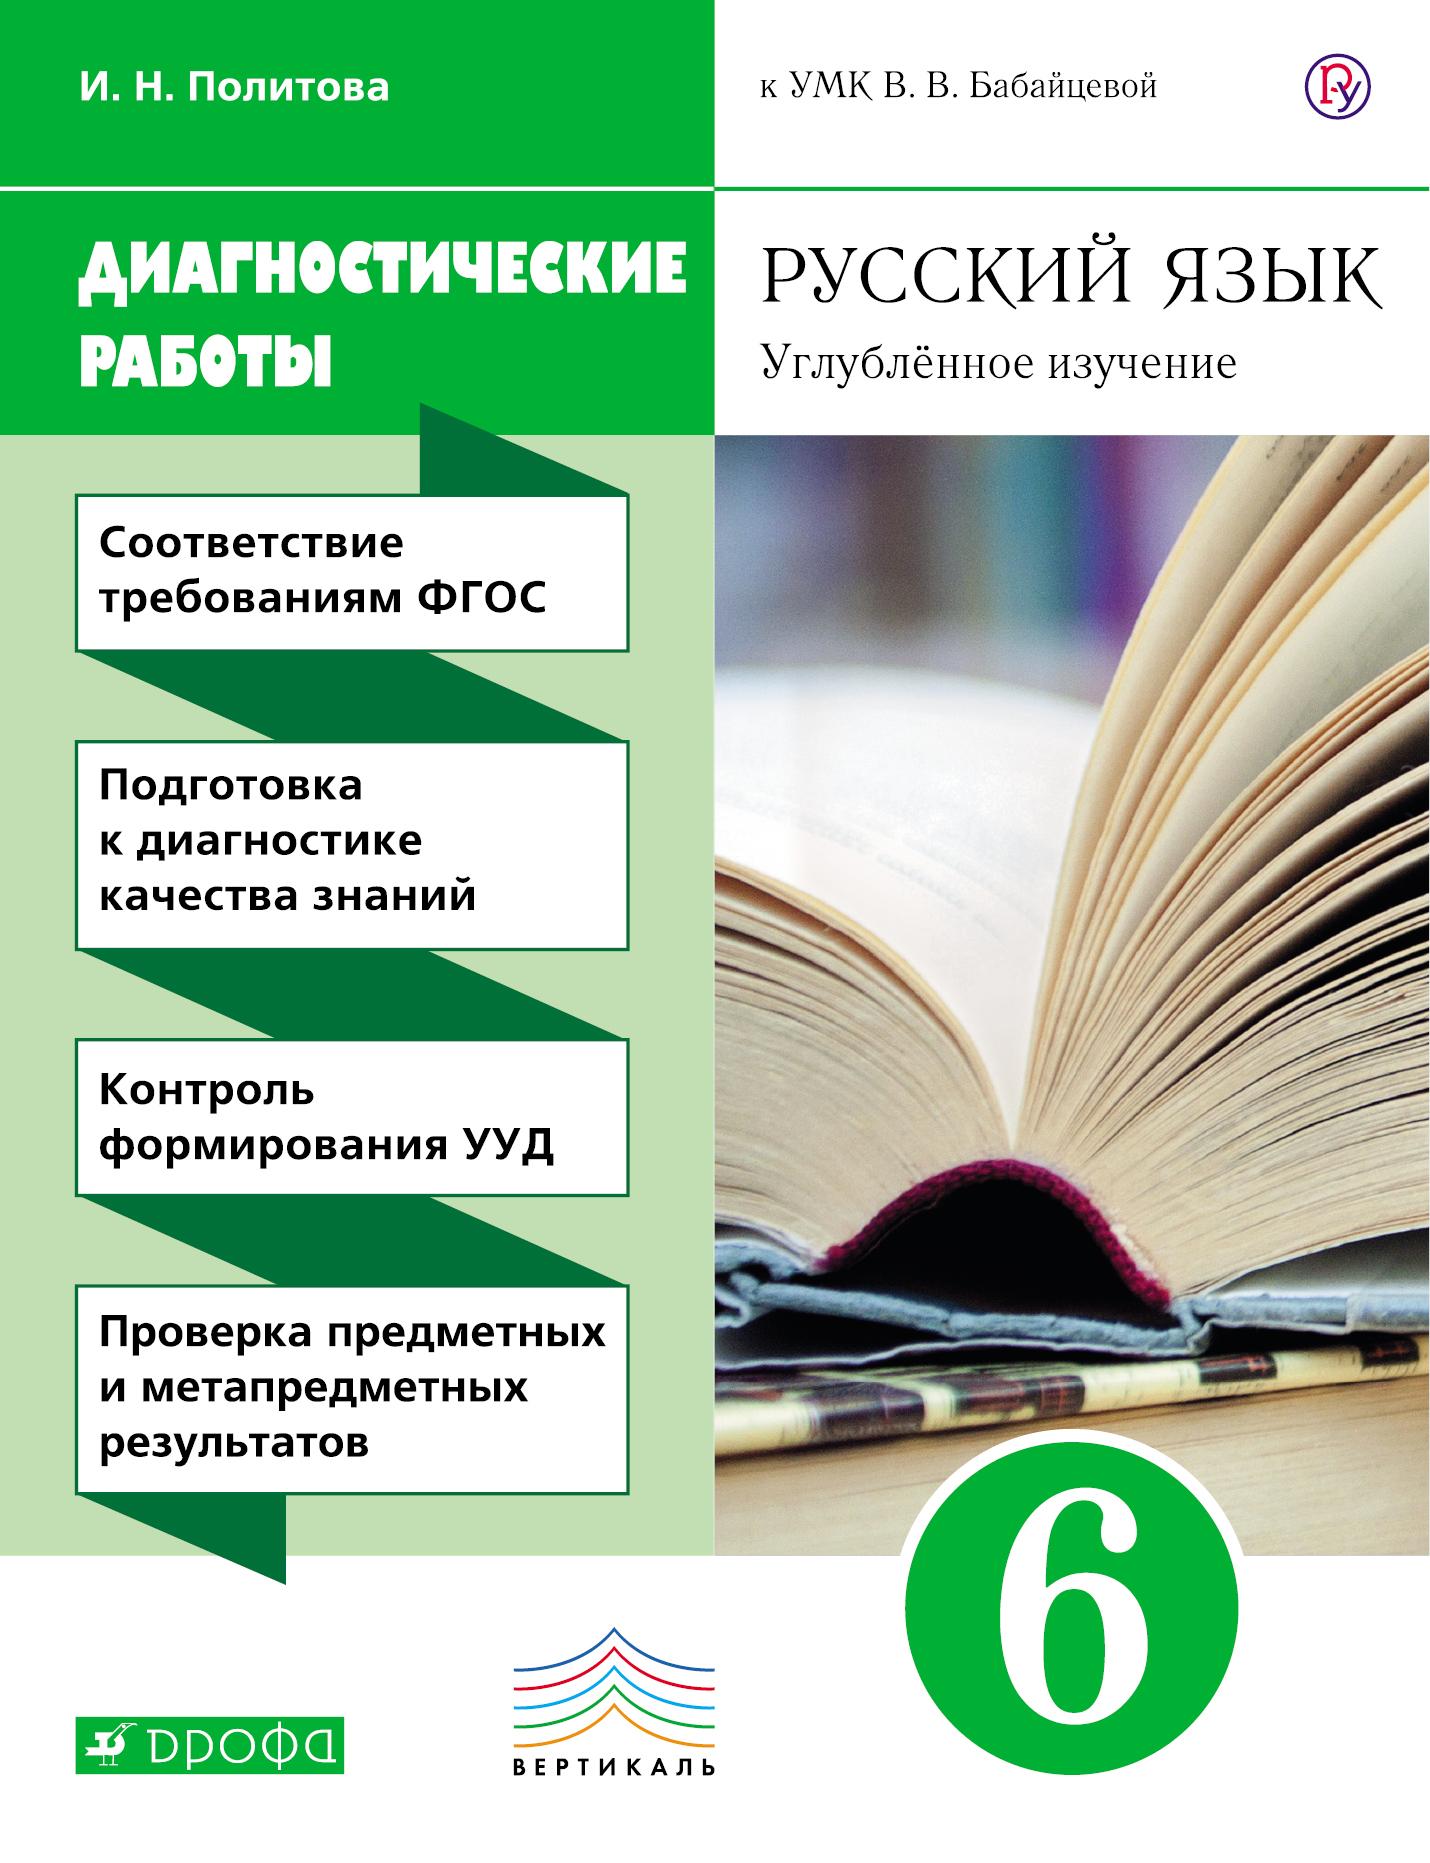 Русский язык. 6 класс. Рабочая тетрадь (диагностические работы)